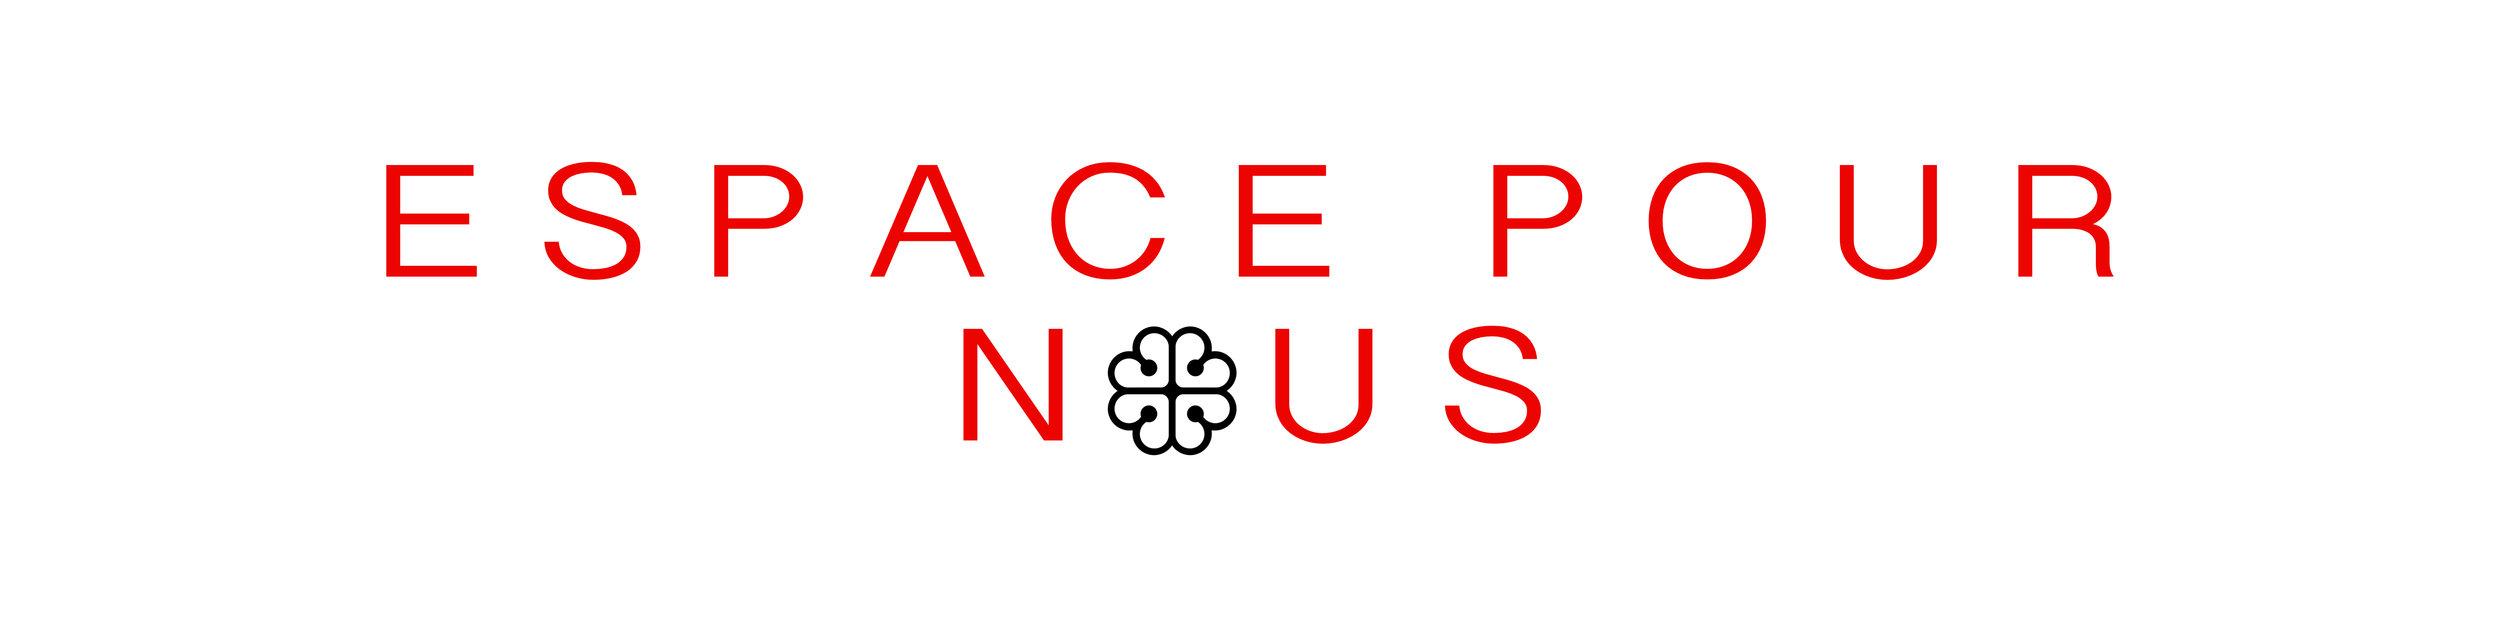 Espace Pour Nous Poster.jpg